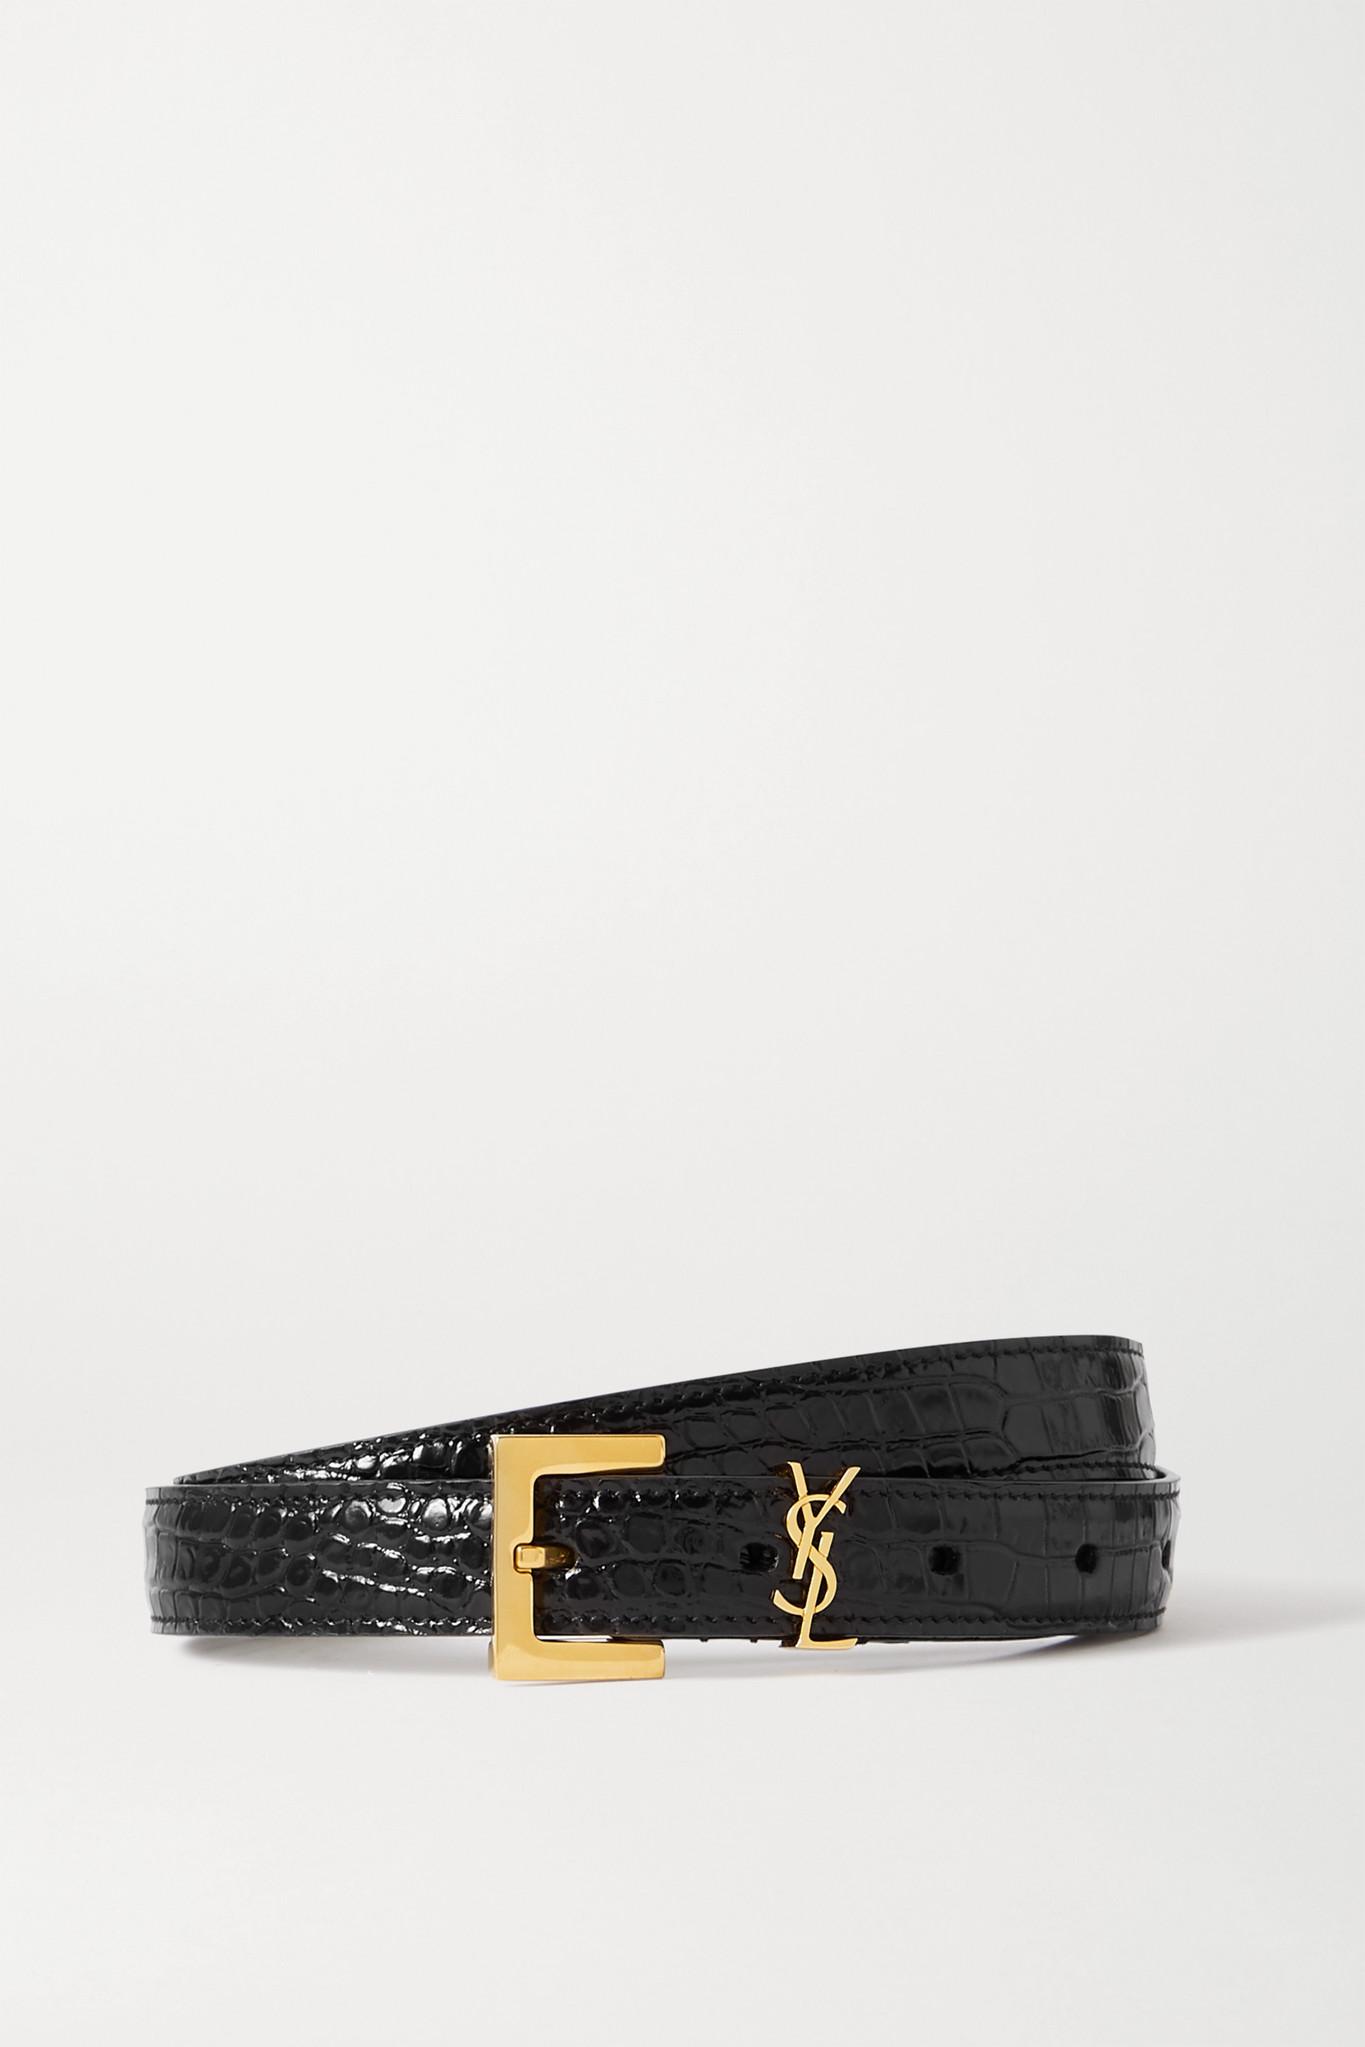 SAINT LAURENT - Embellished Croc-effect Leather Belt - Black - 90